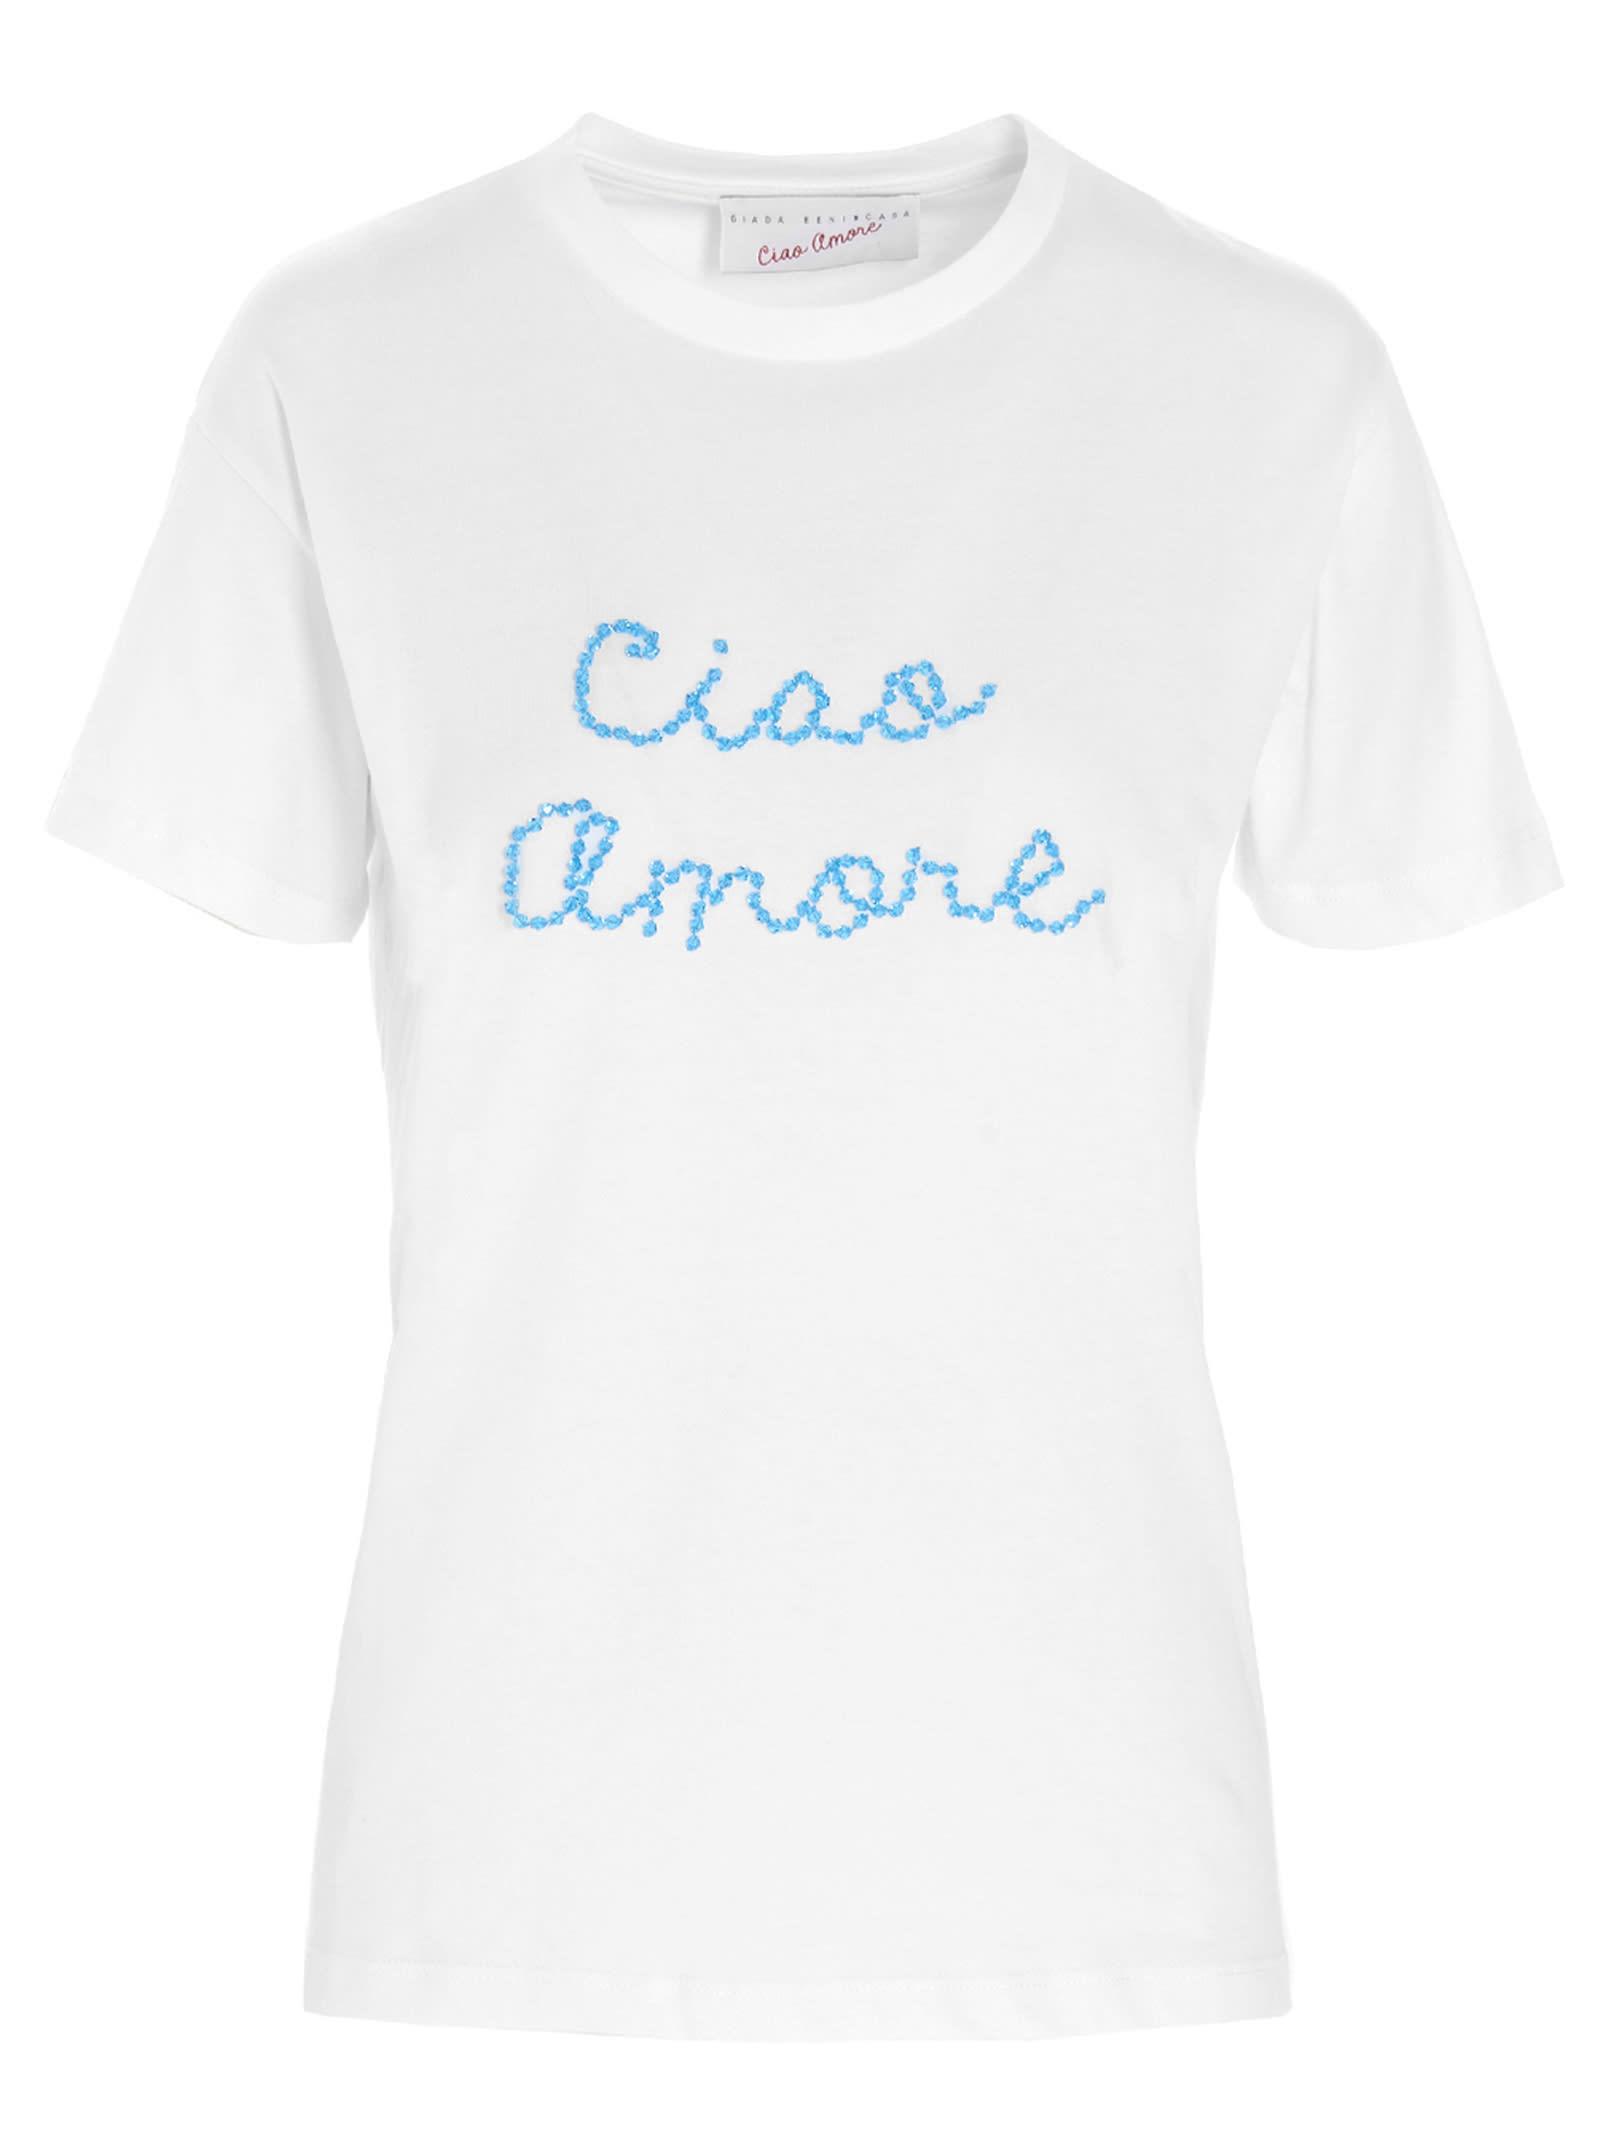 ciamo Amore T-shirt